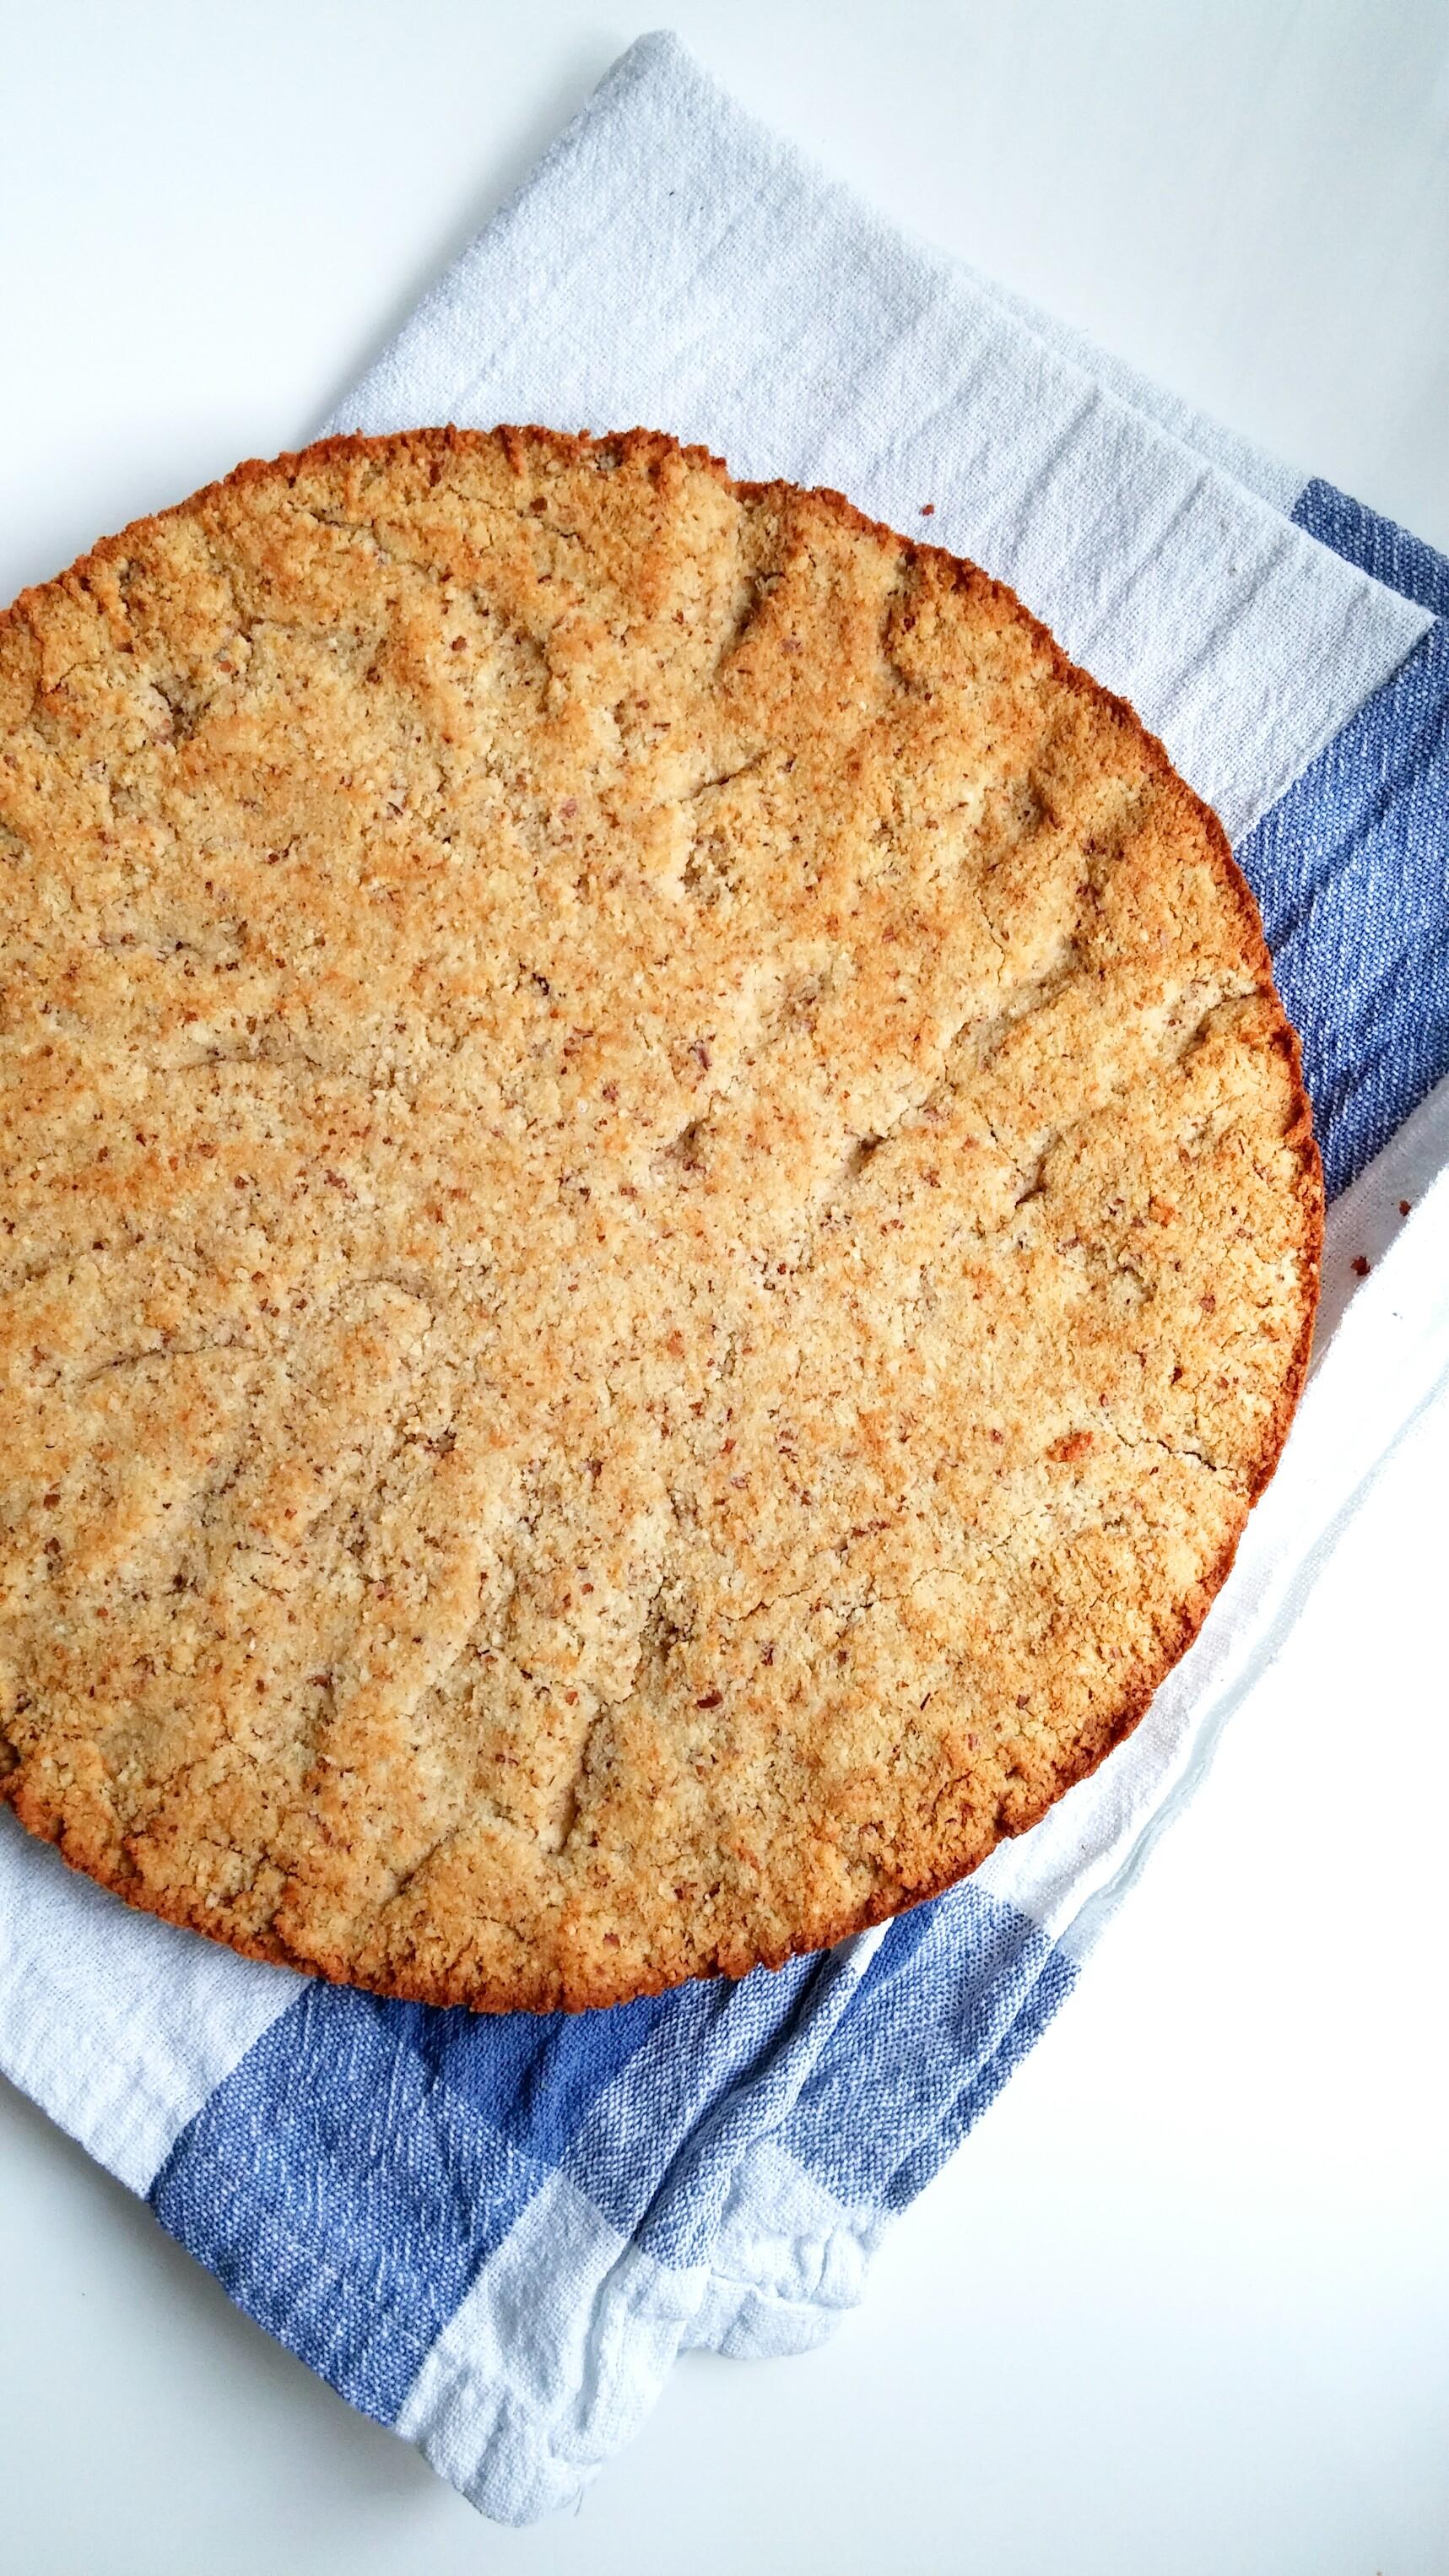 CakeBread - das Kuchen-Brot-Hybrid